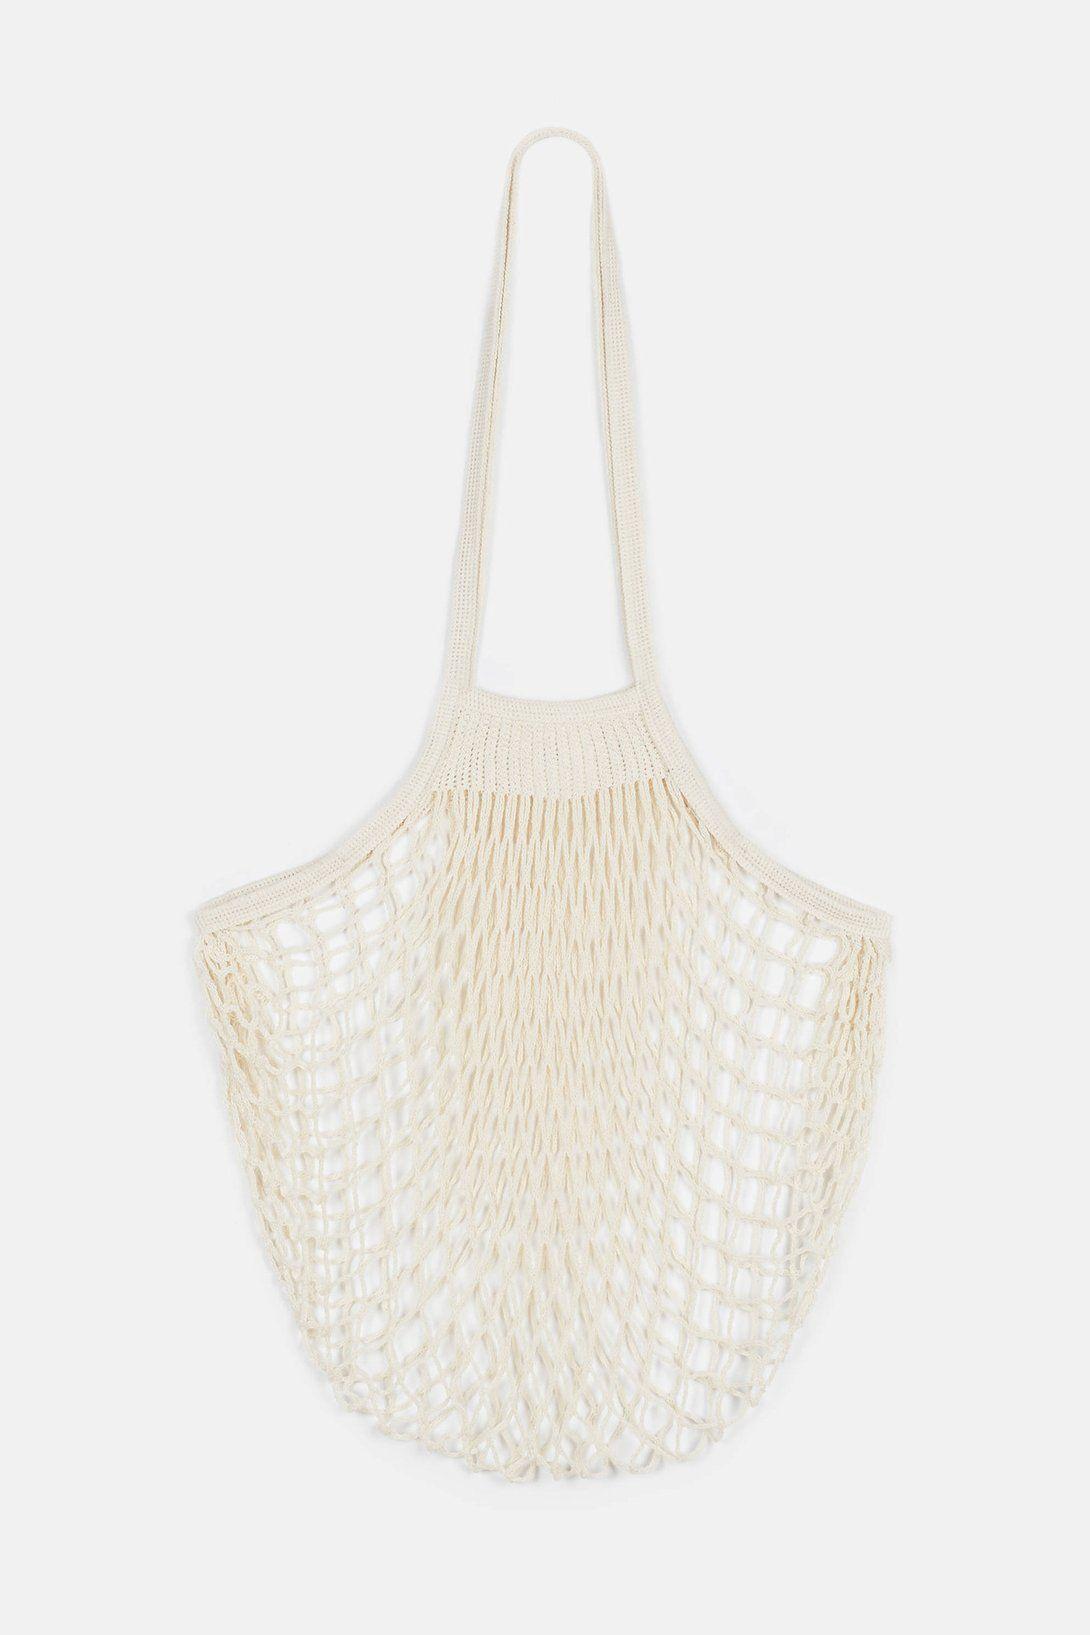 a7d2852f2d2 Filt Large Net Bag - Natural | accessories | Net bag, Bags, Net making